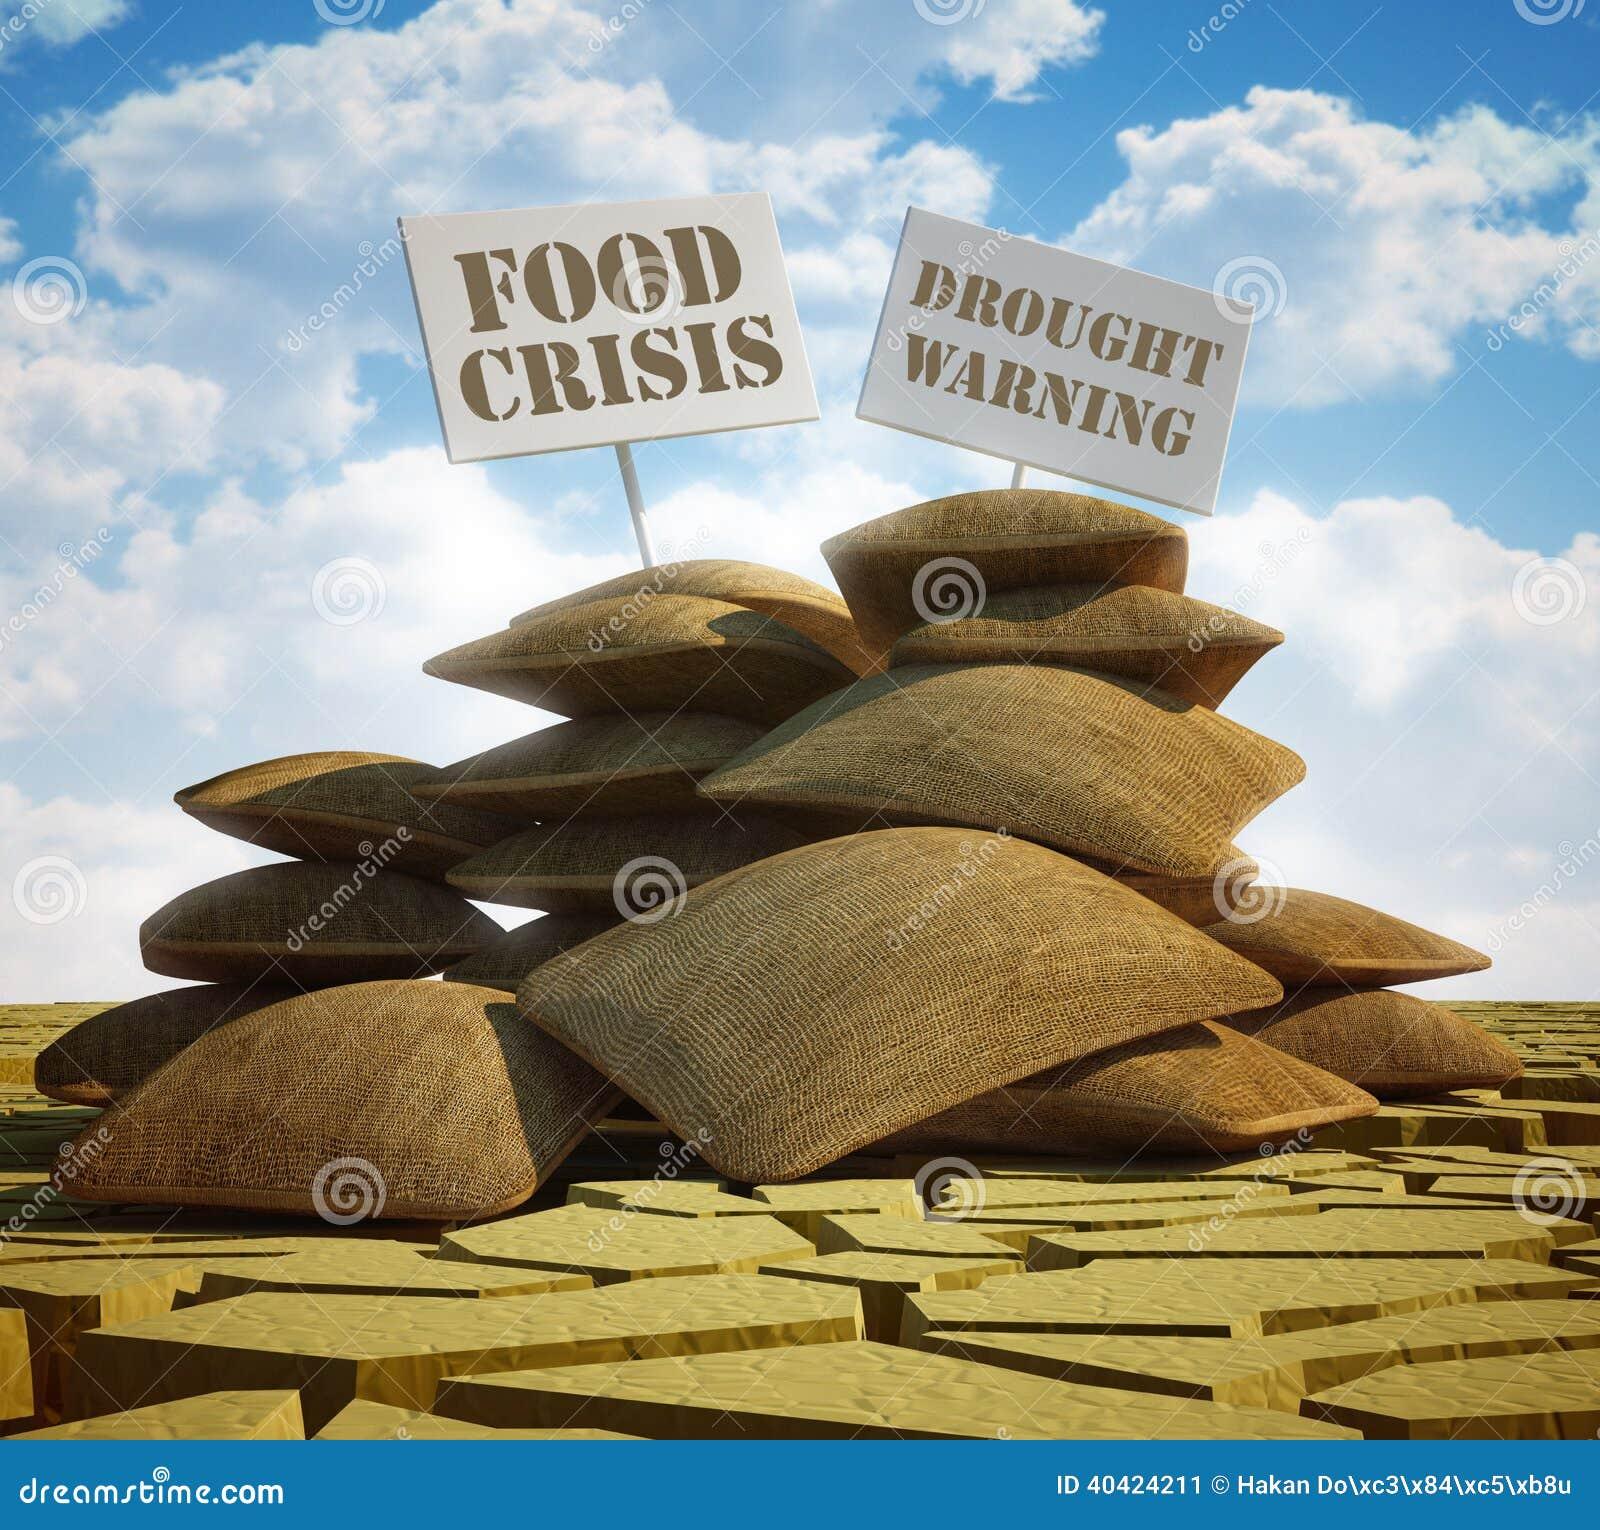 全球性粮食危机和天旱警告 3d优质翻译.图片